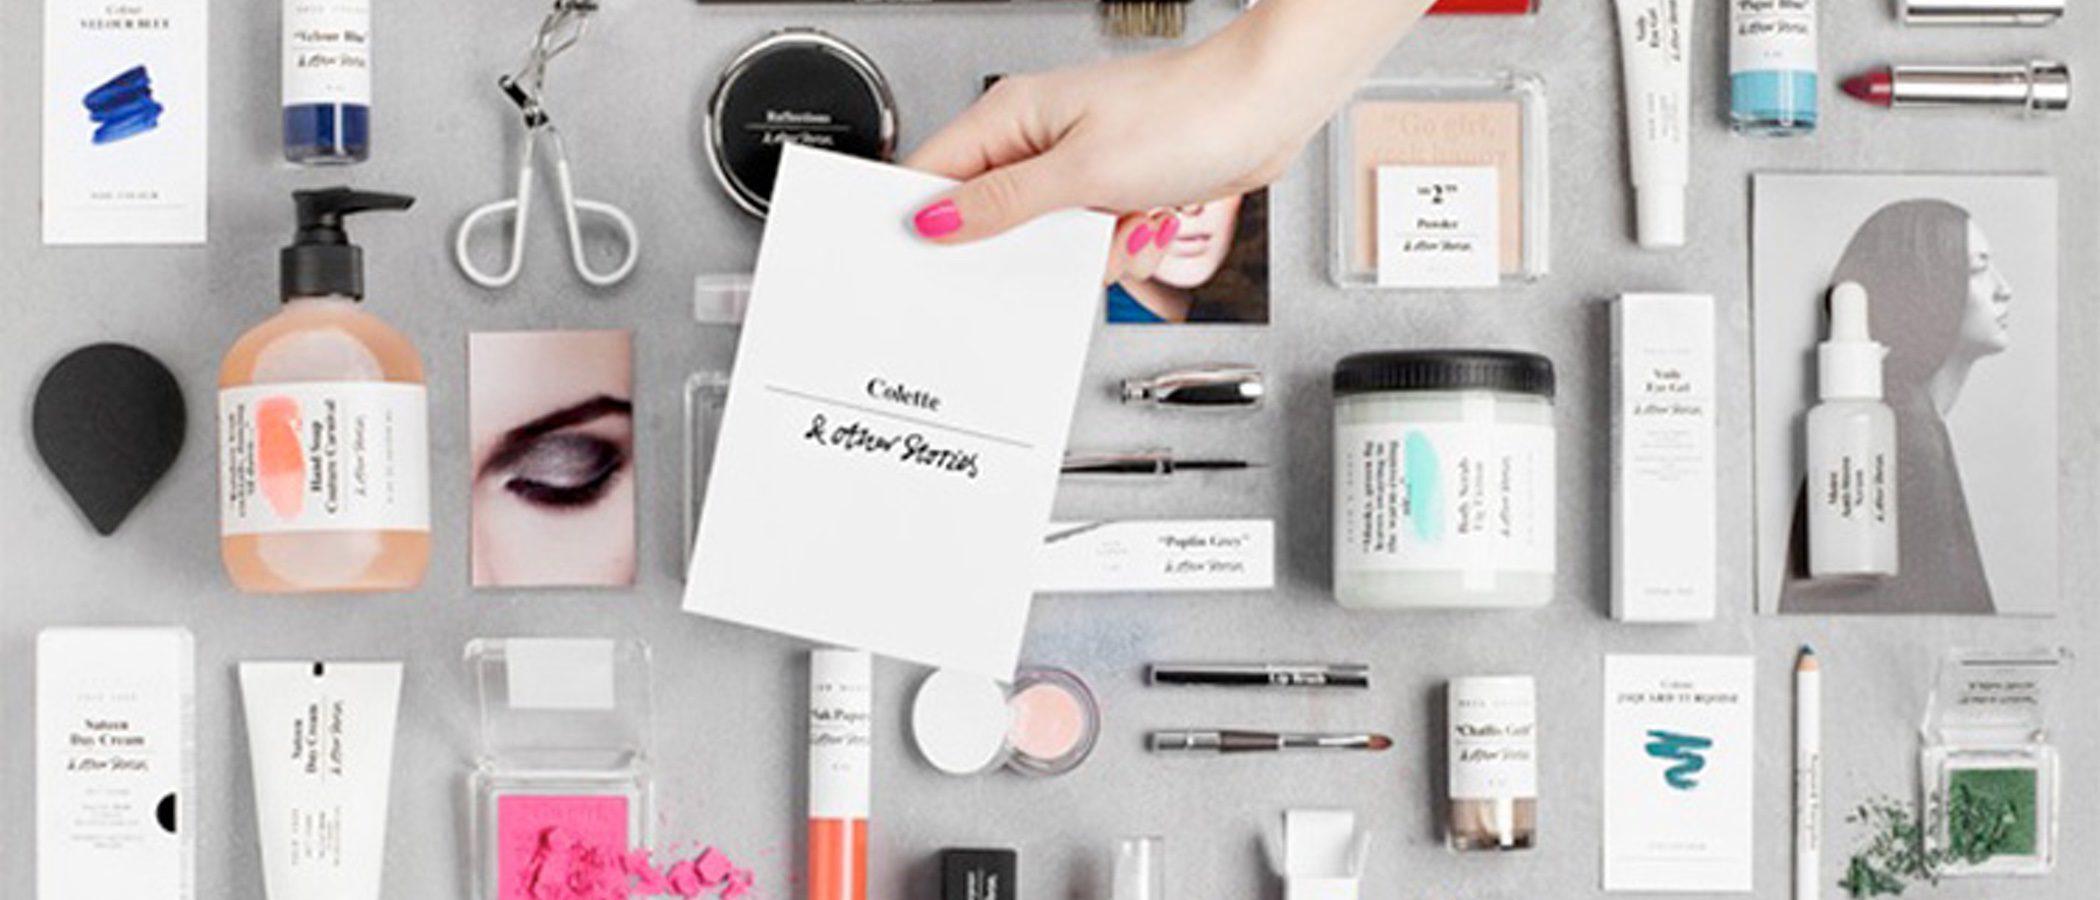 & Other Stories presenta un línea completa de productos de maquillaje y cuidado de la piel